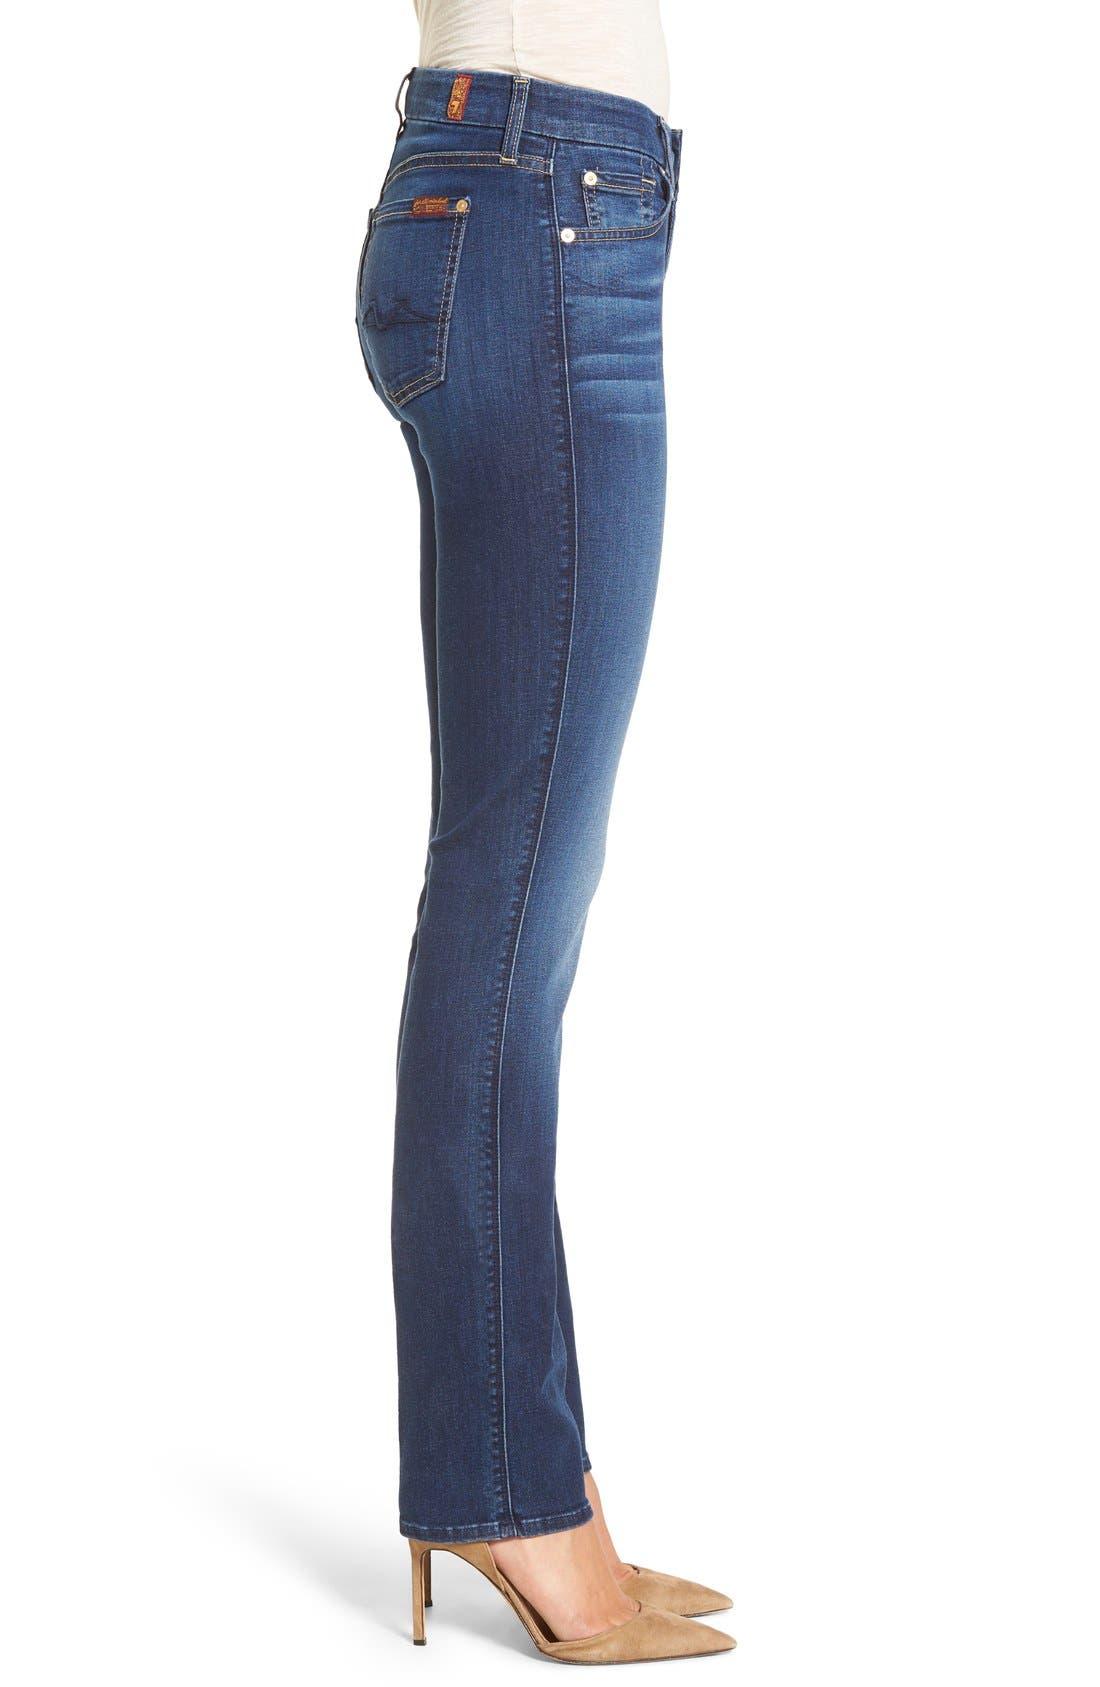 b(air) Kimmie Straight Leg Jeans,                             Alternate thumbnail 3, color,                             DUCHESS